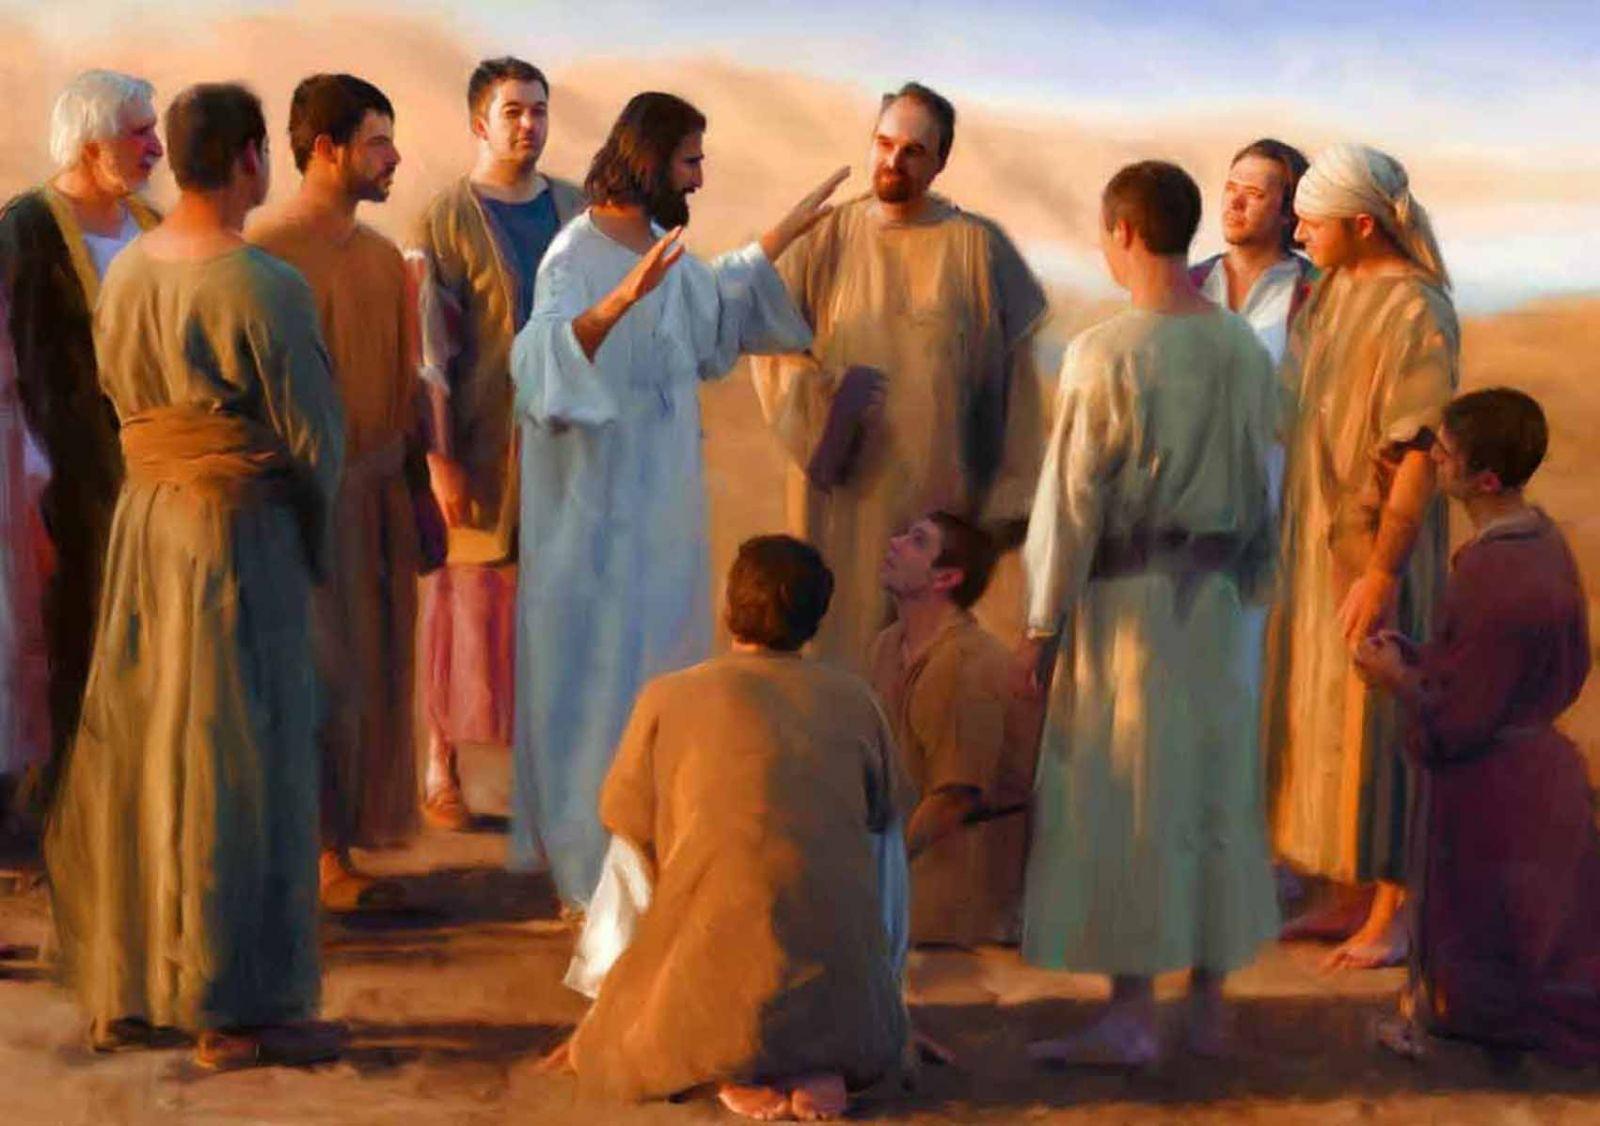 João 5;17. Disse Jesus: O meu Pai trabalha até agora e eu também trabalho. Por que Jesus não incluiu o Espírito Santo? Veja...